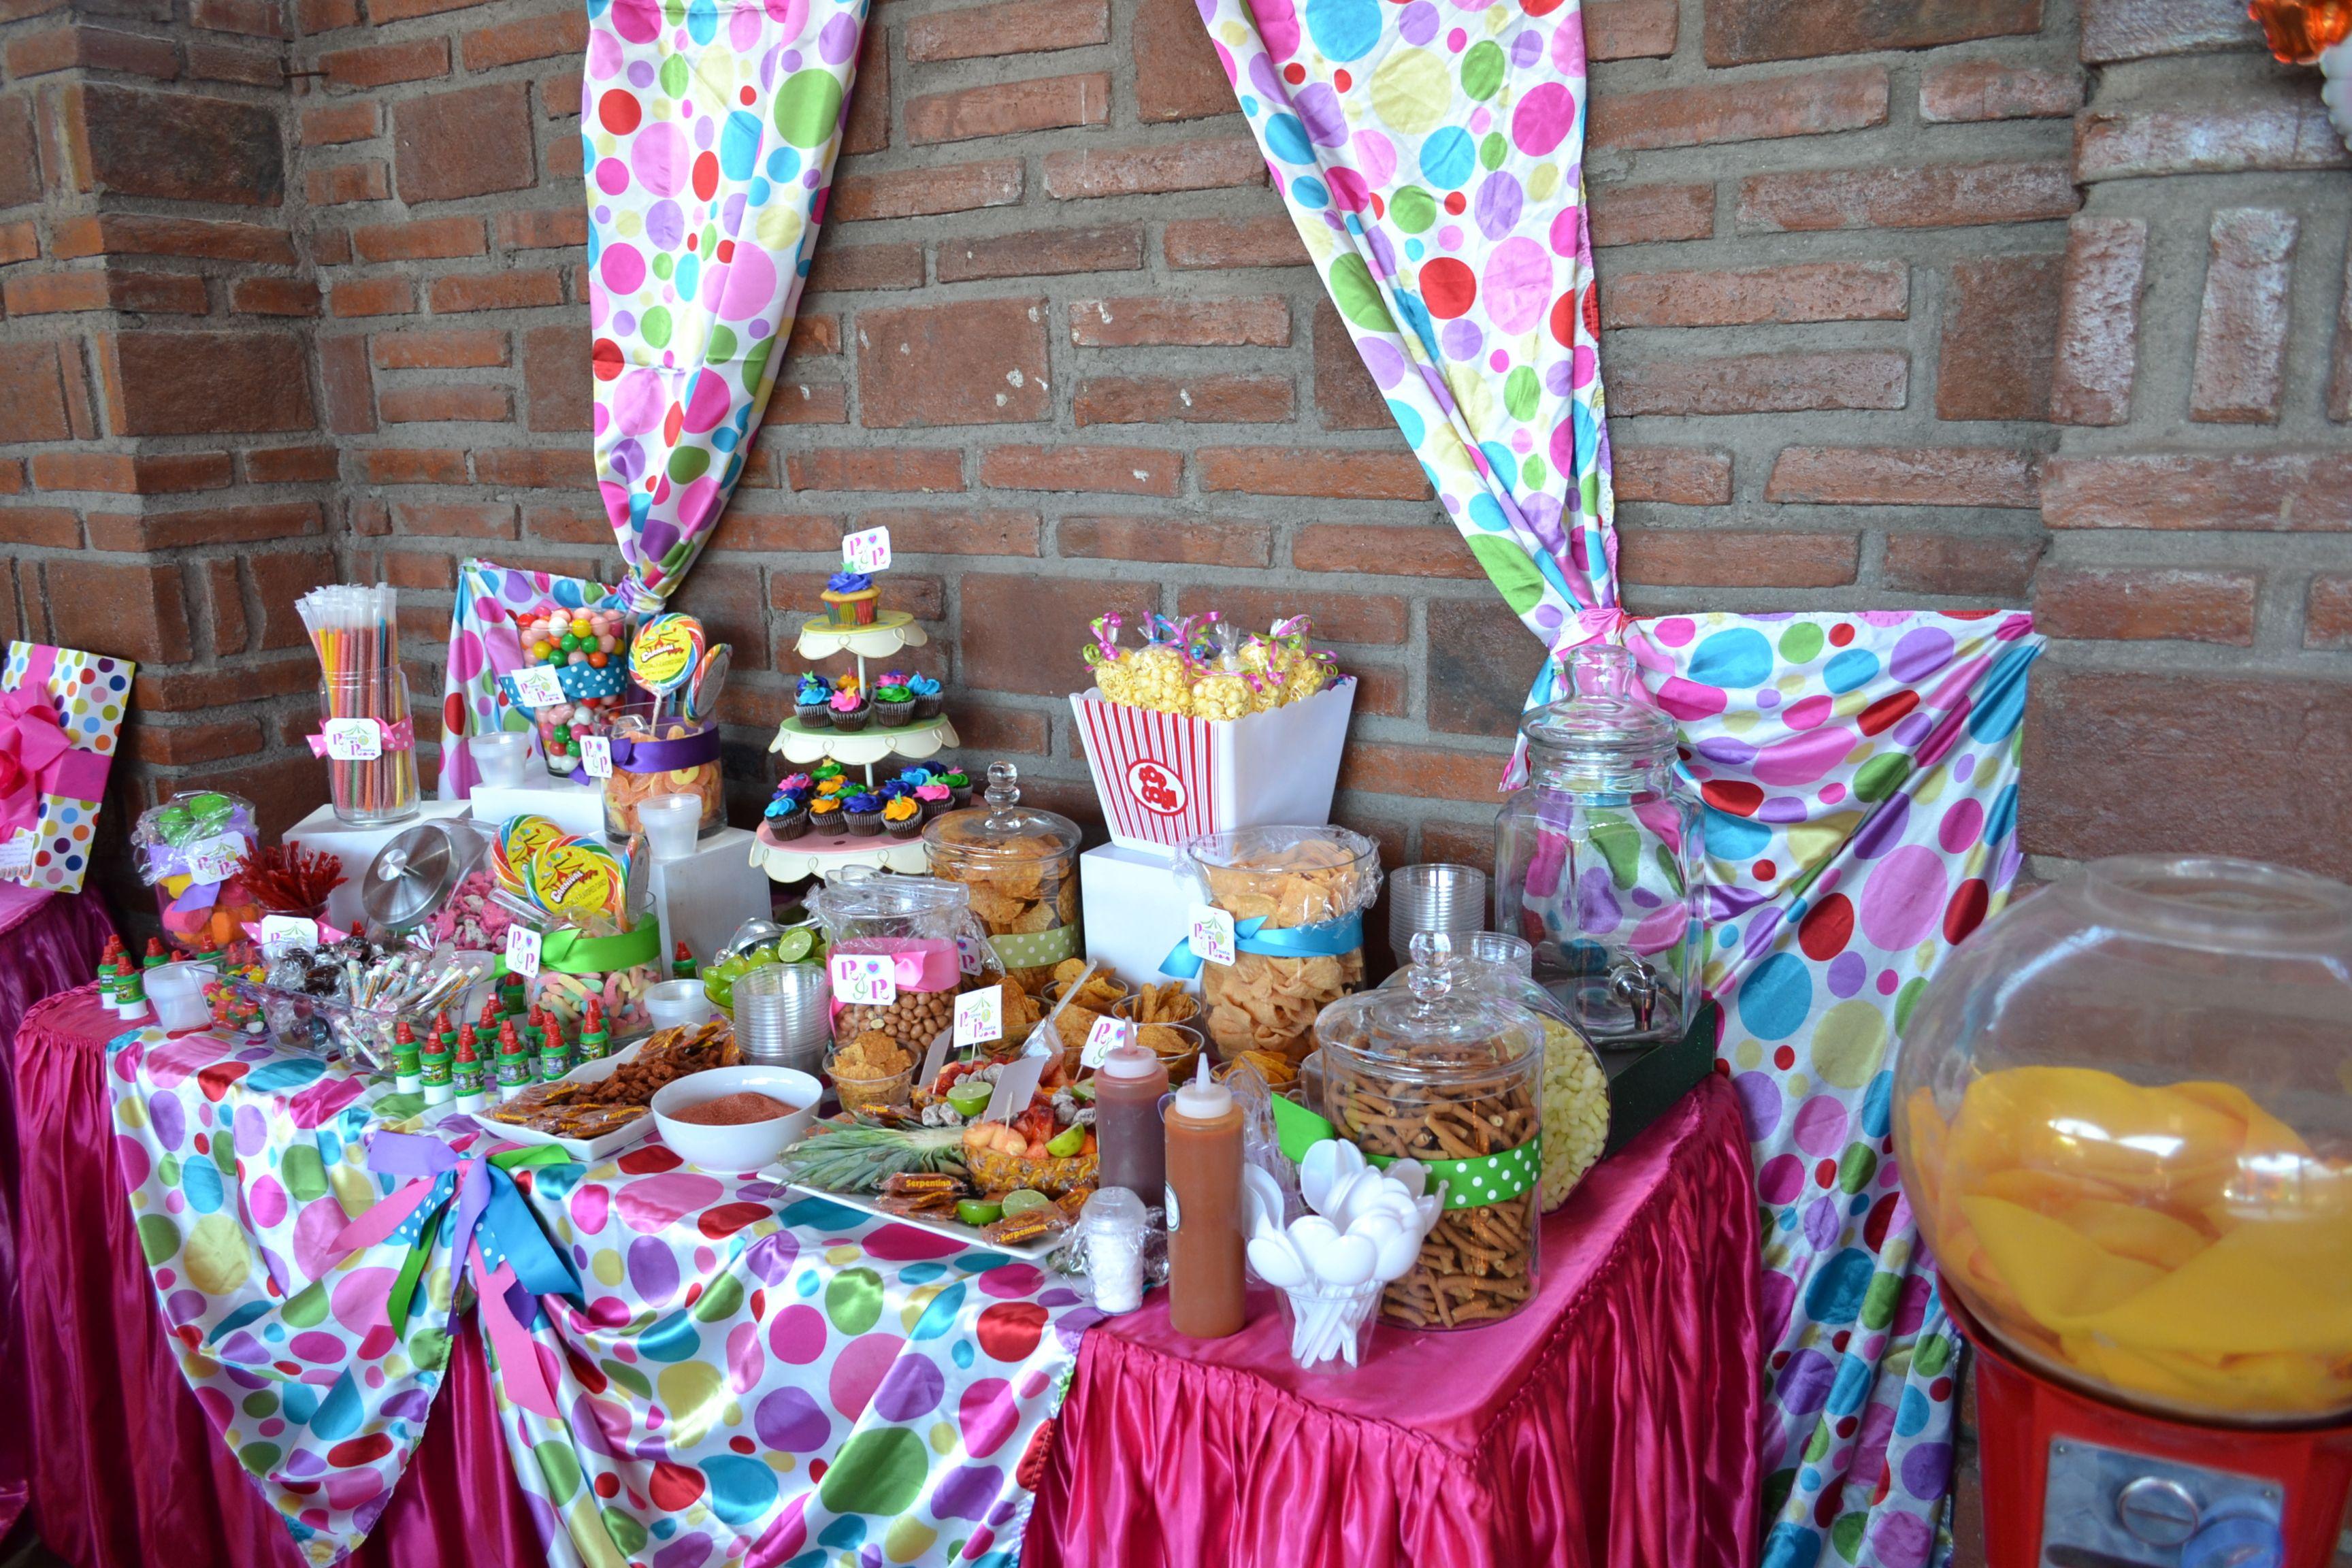 Mesa de snacks y dulces decoraciones pinterest ideas - Decoraciones de mesas ...